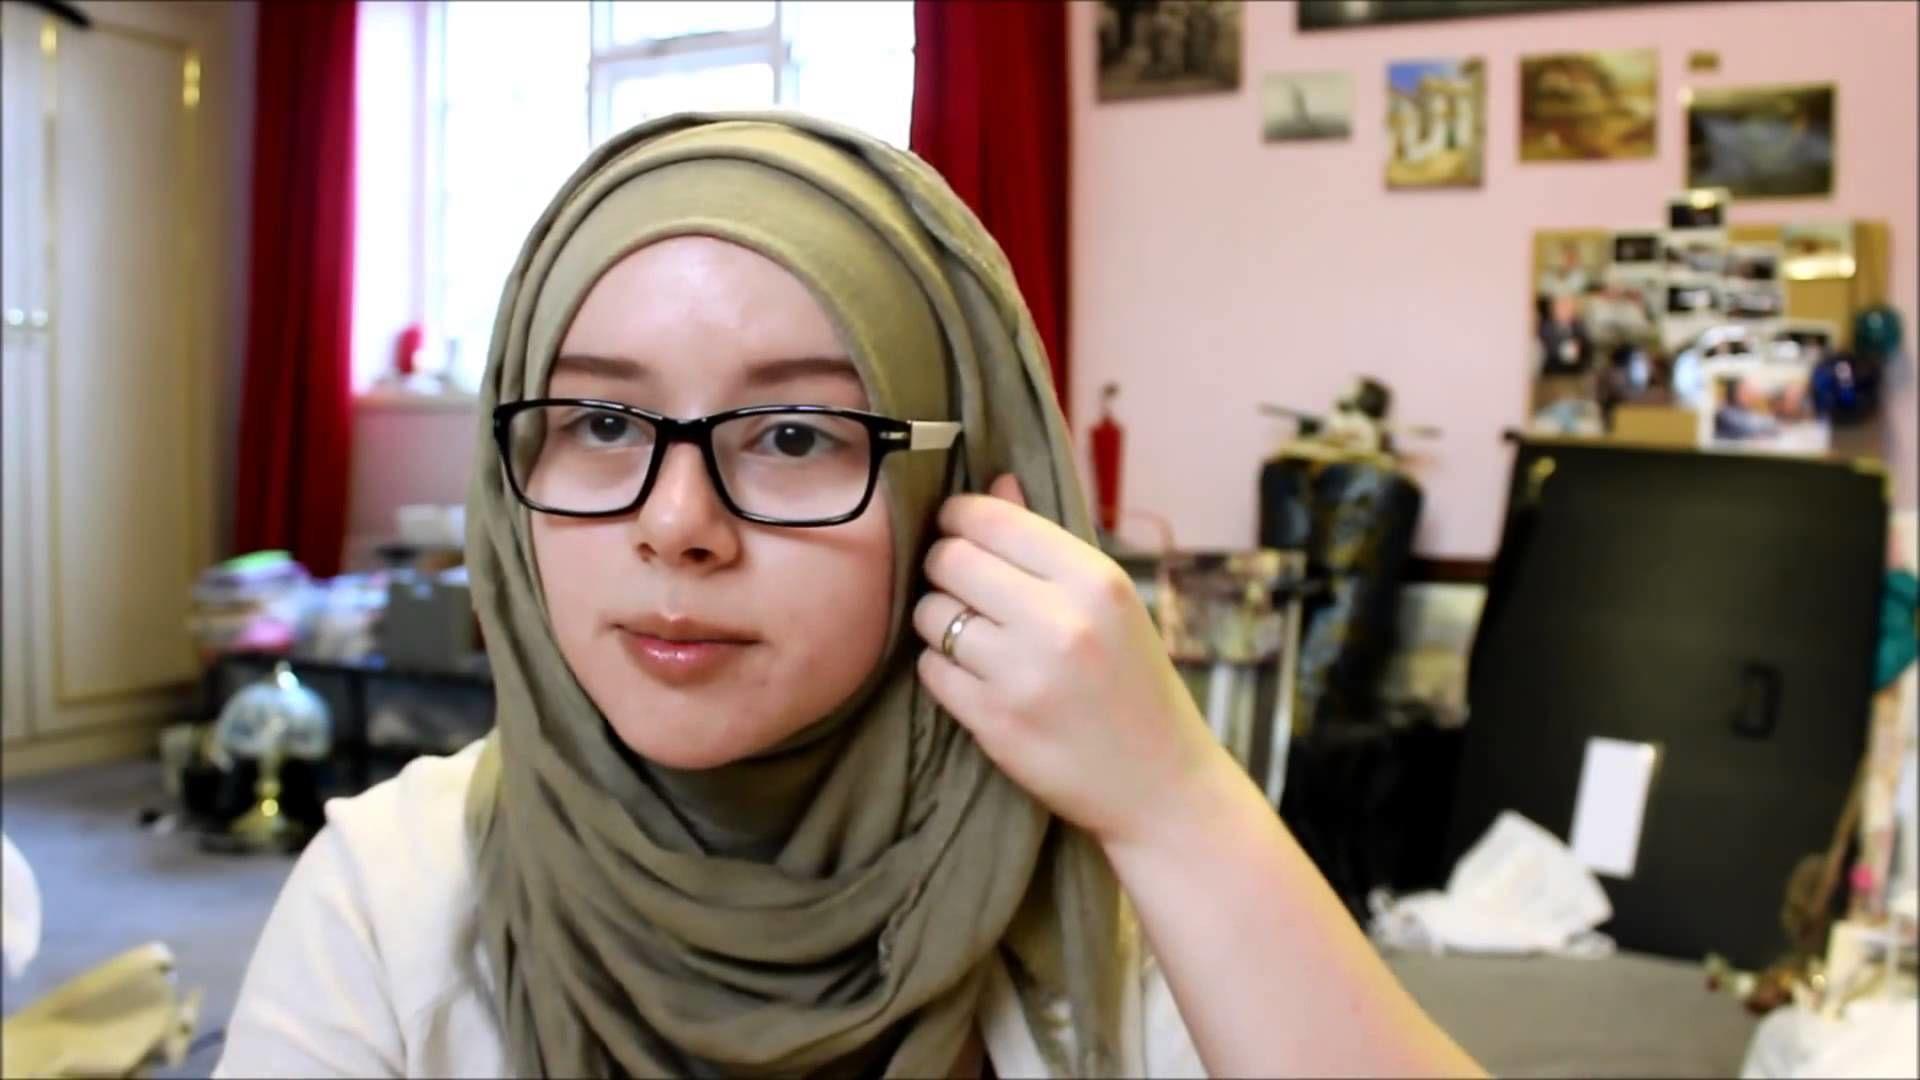 Jenis-jenis Tren Hijab Masa Kini Terbaru dan Terpopuler di Indonesia